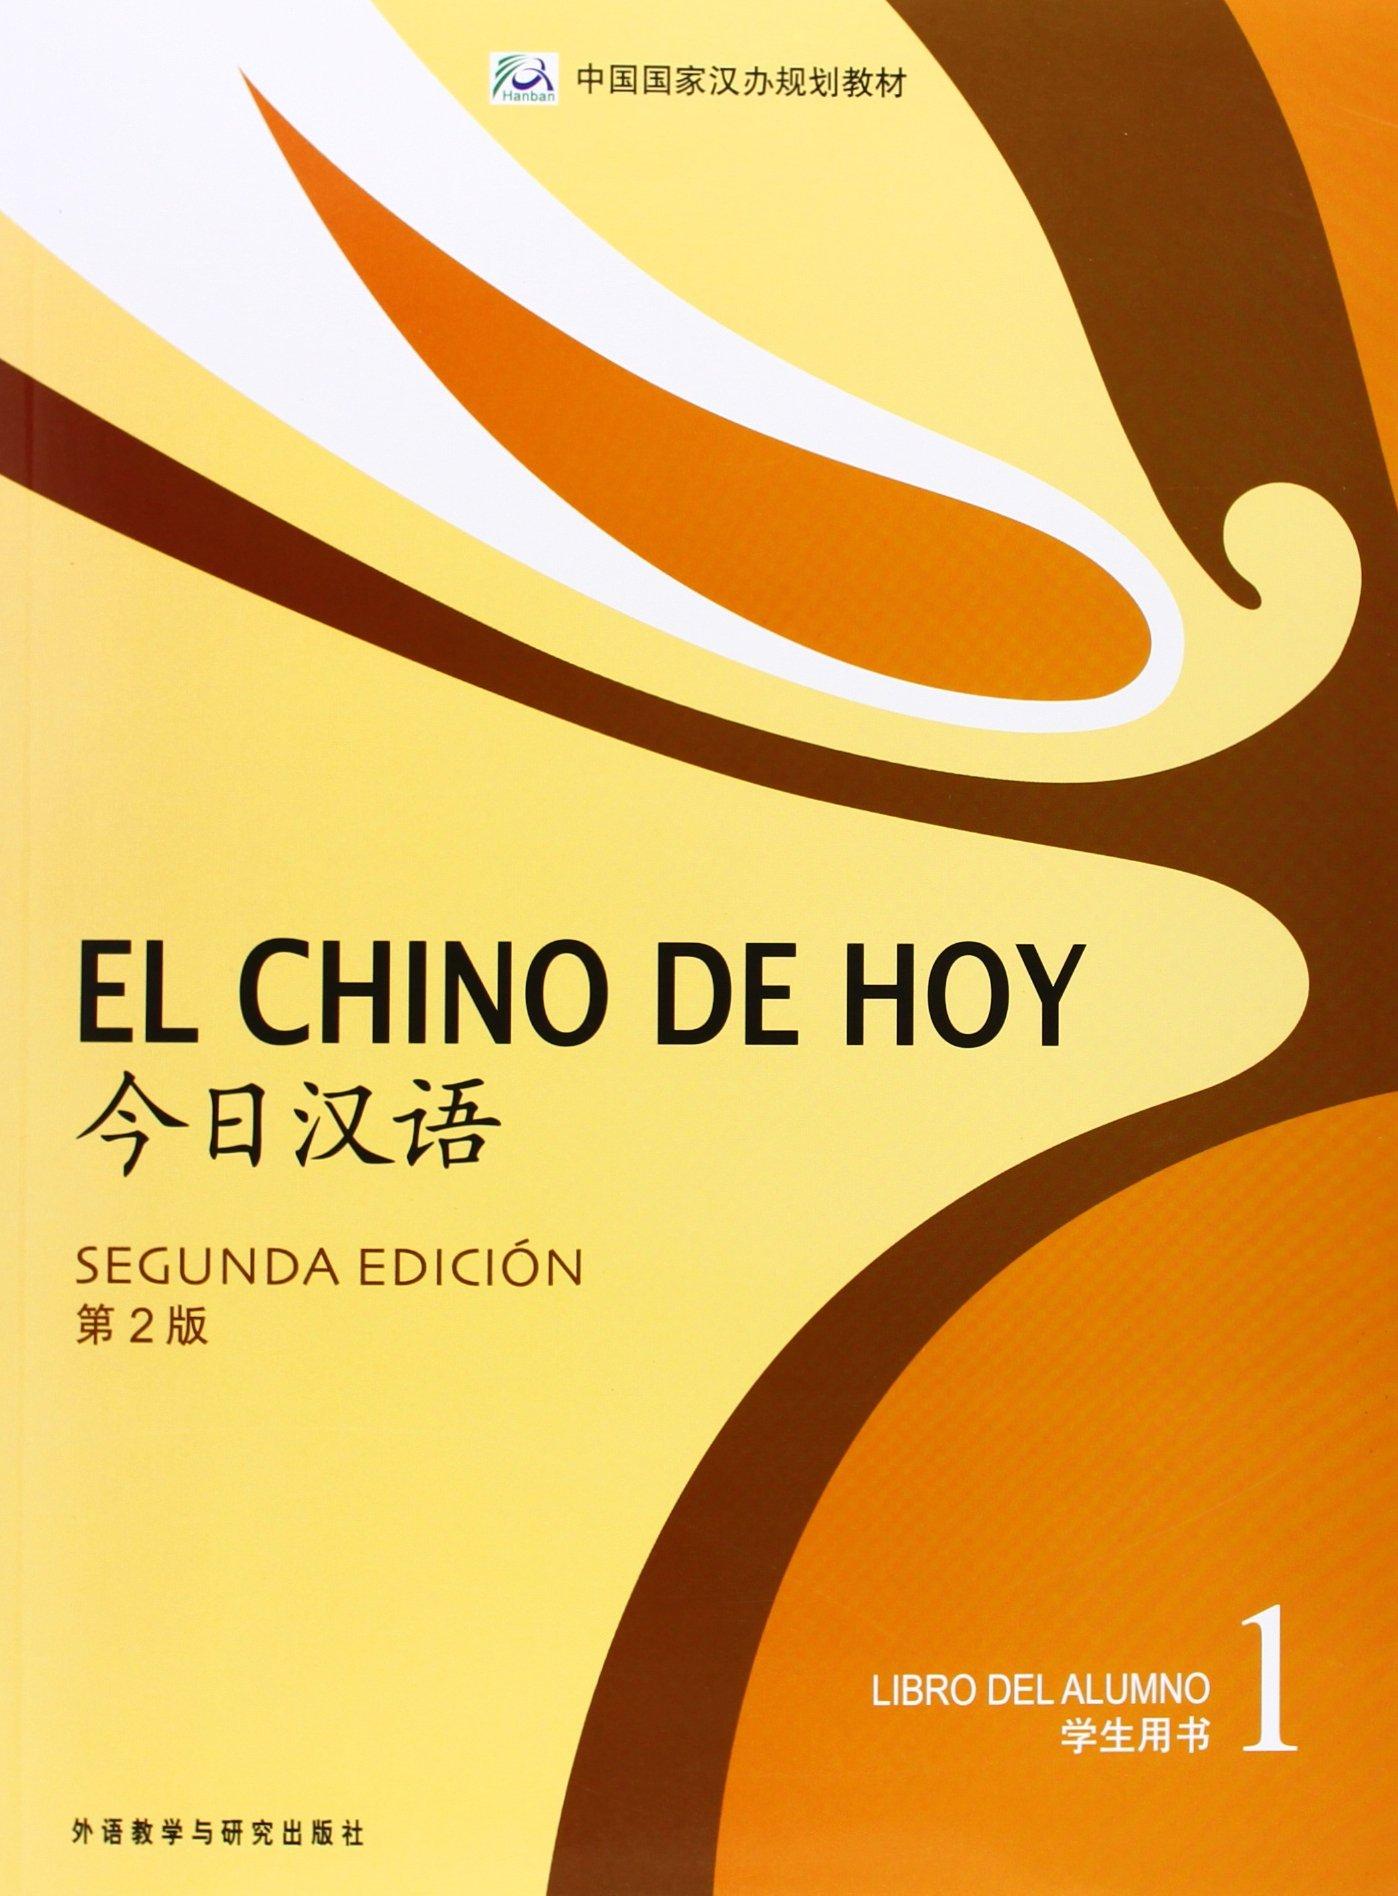 El Chino De Hoy 1. Libro Del Alumno - 2ª Edición (Chino) Tapa blanda – 16 ene 2014 Vv.Aa. Hanban 7513527873